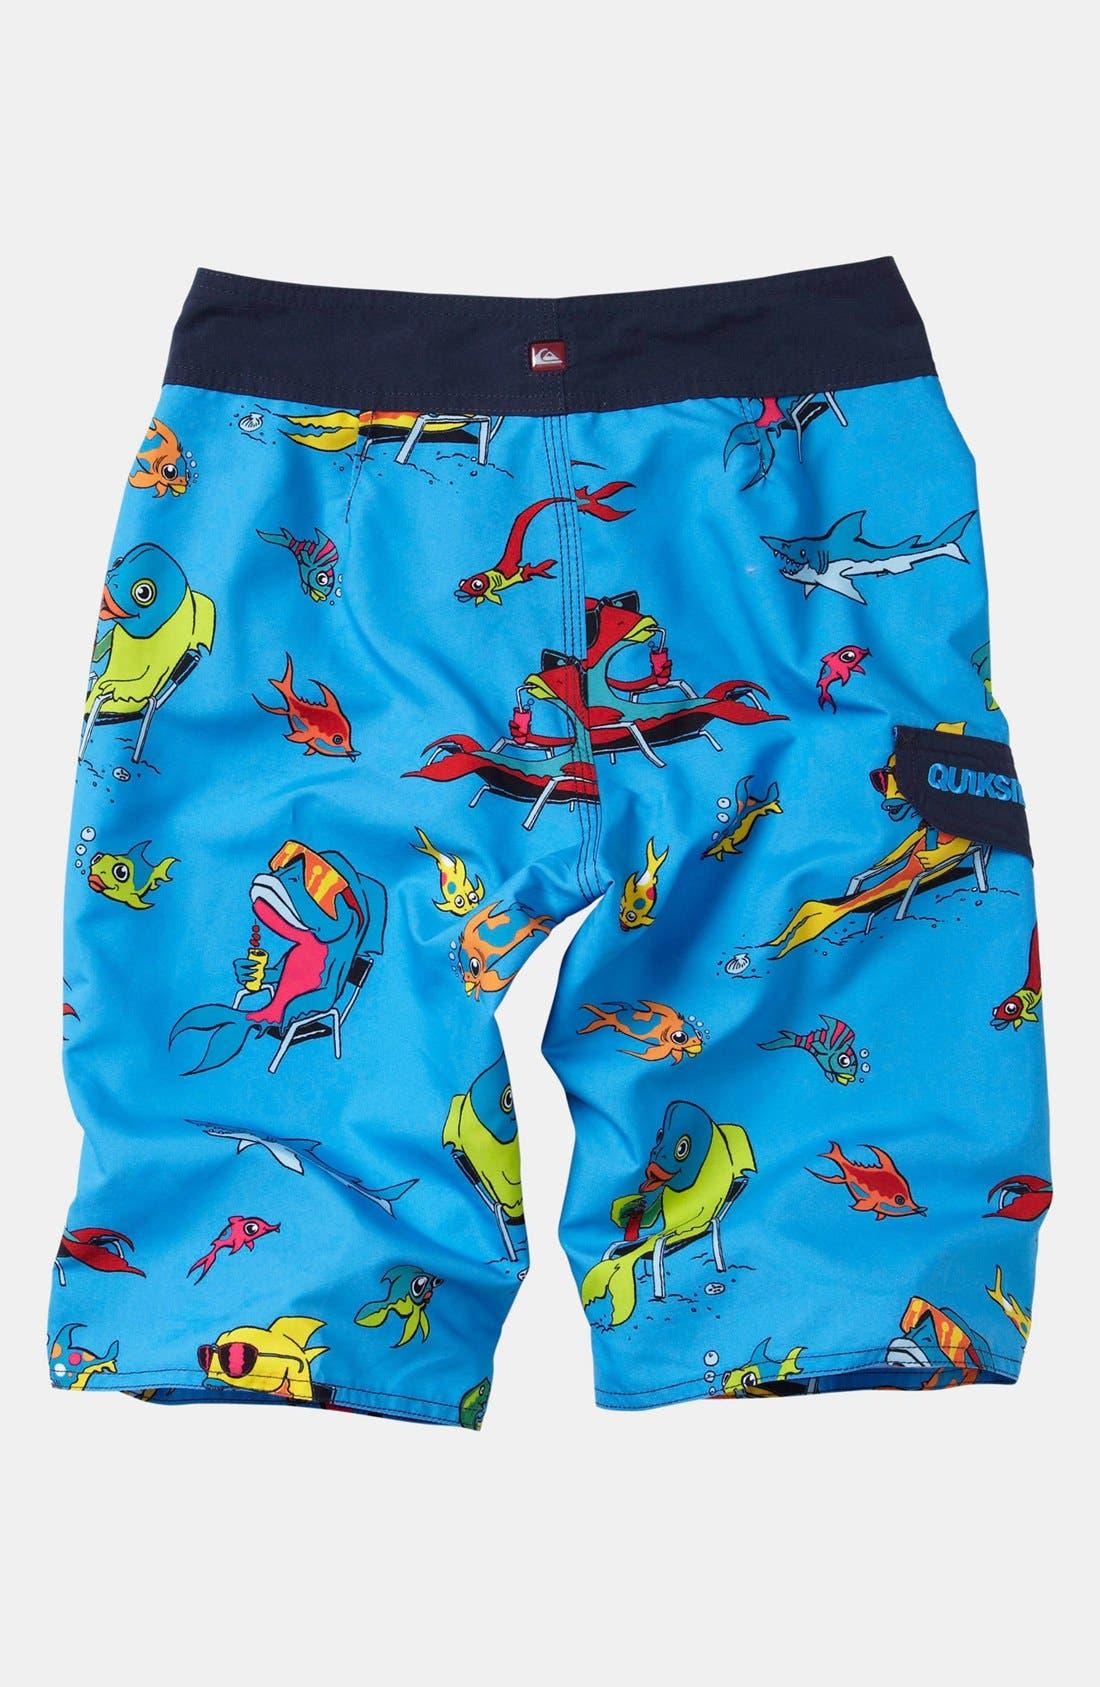 Alternate Image 2  - Quiksilver 'Fish Tacoz' Board Shorts (Big Boys)